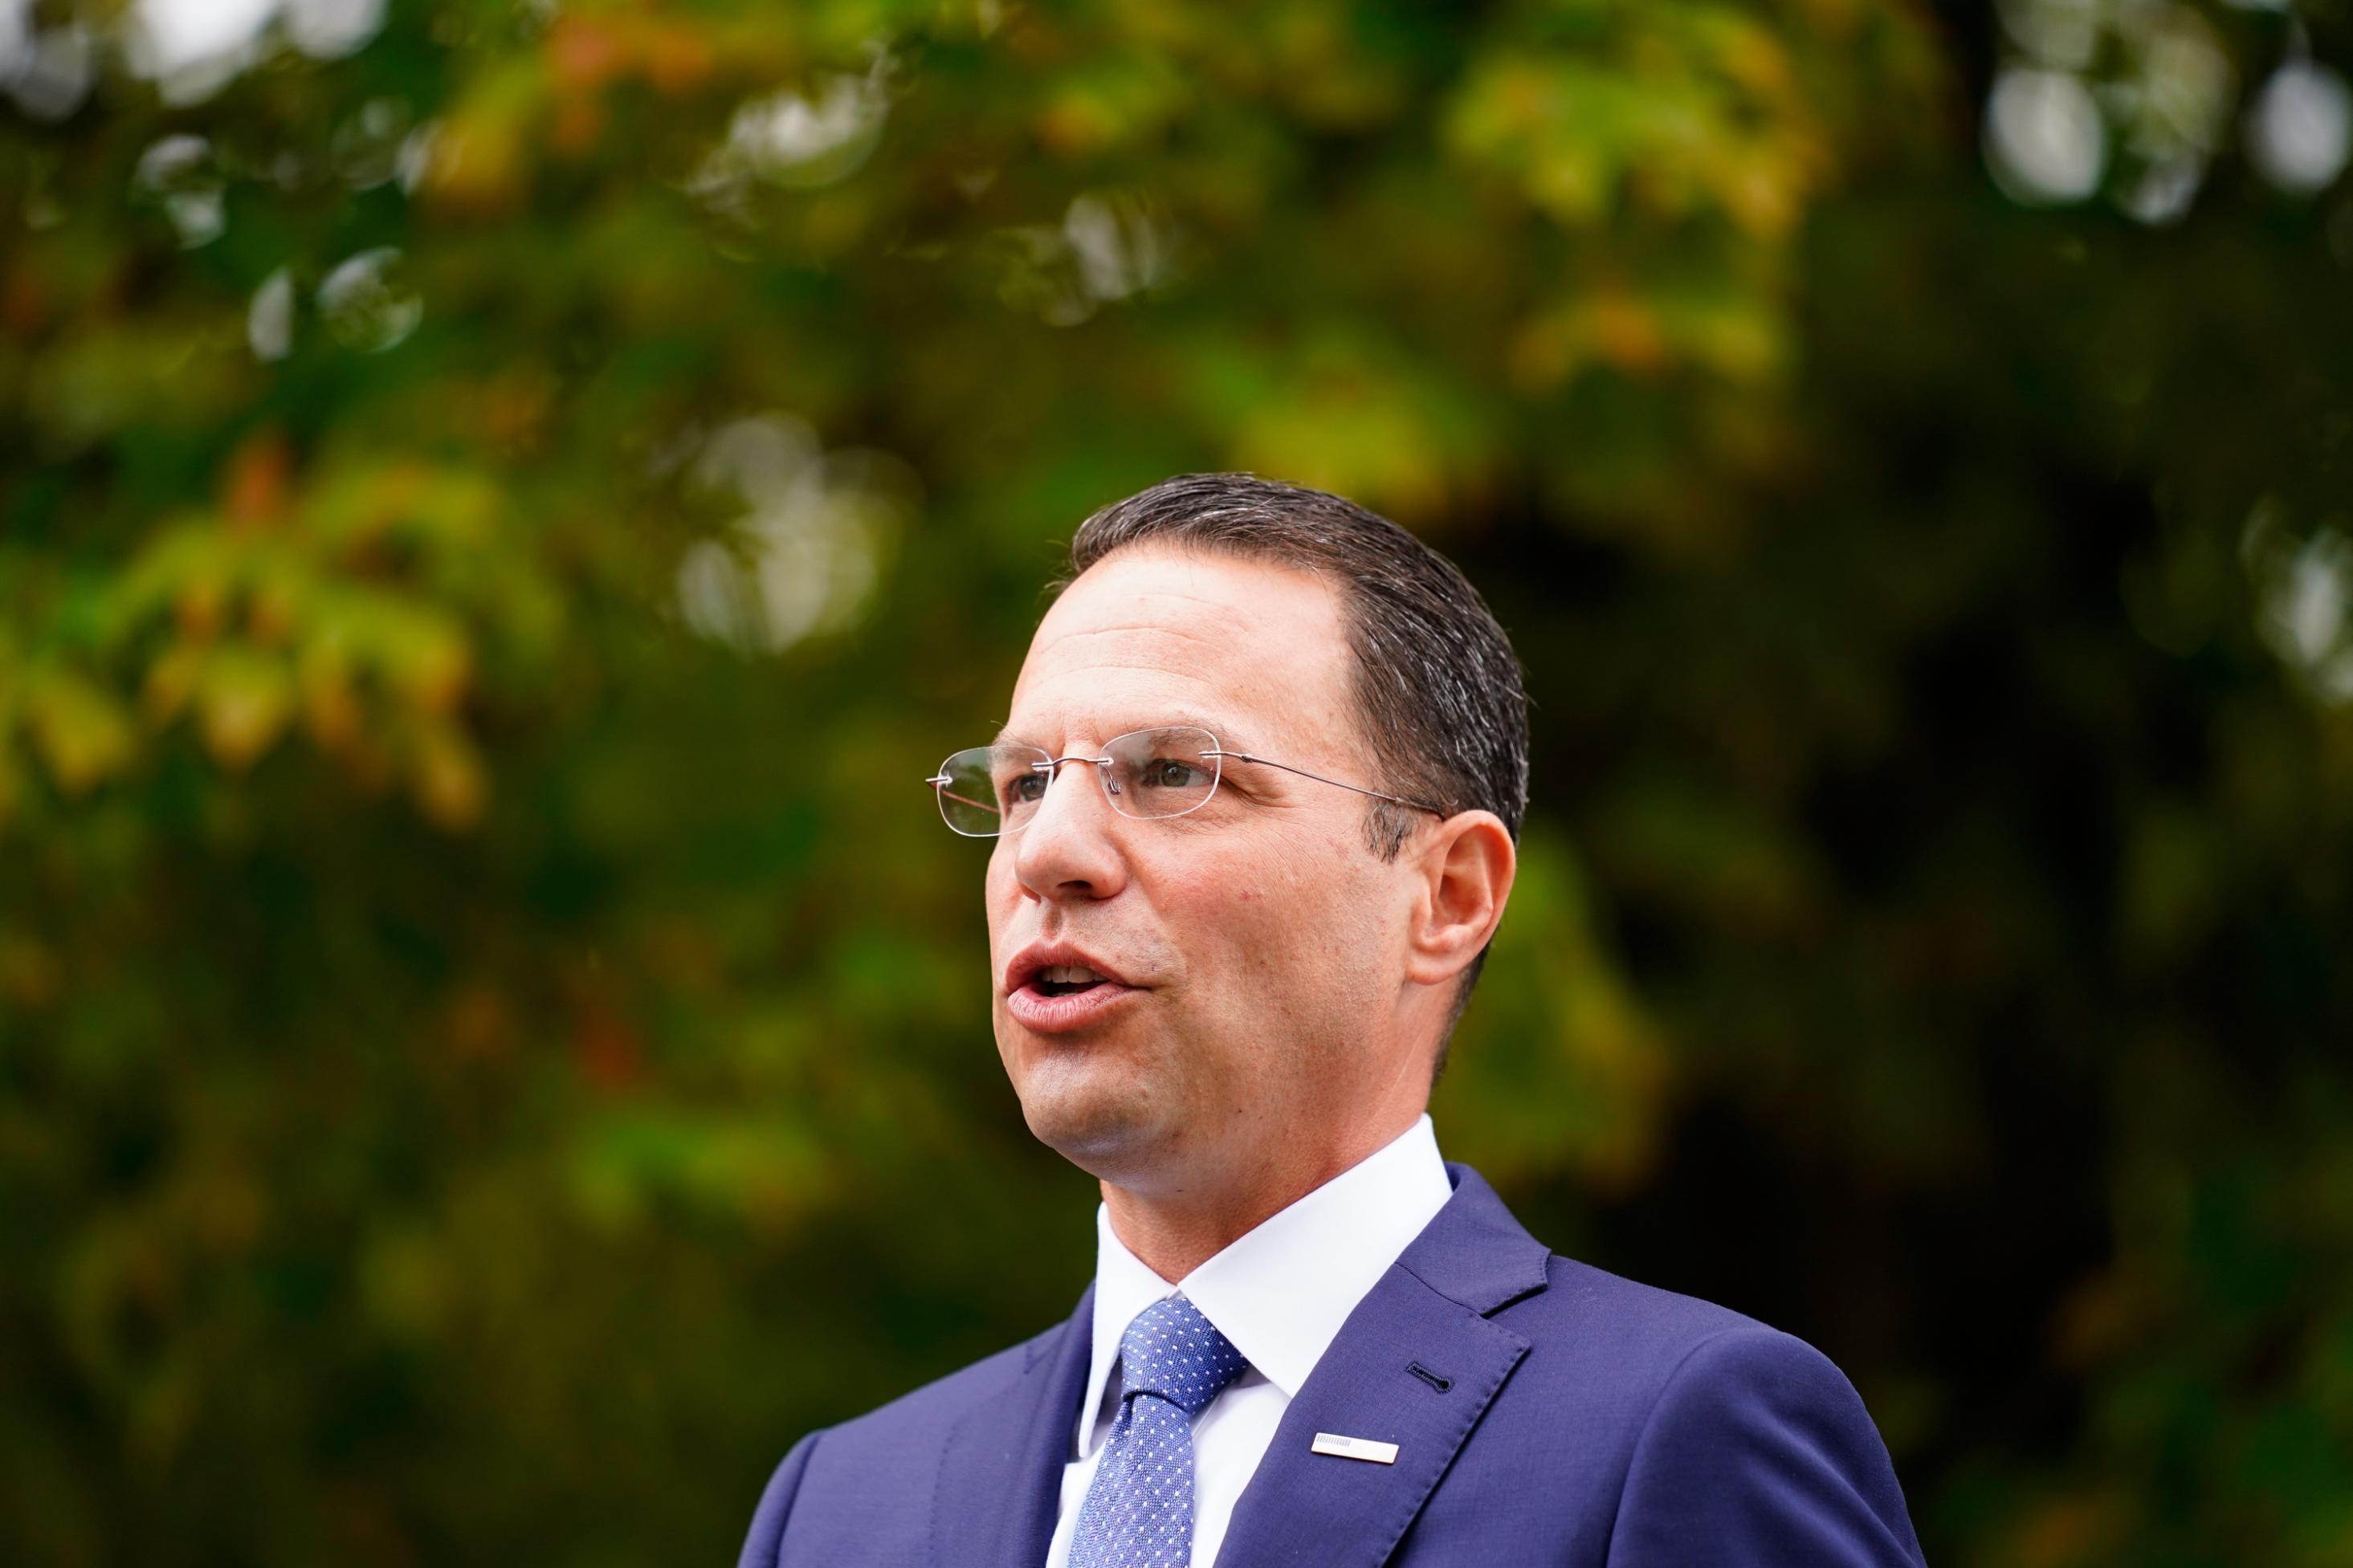 Pennsylvania attorney general Josh Shapiro announces his bid for governor